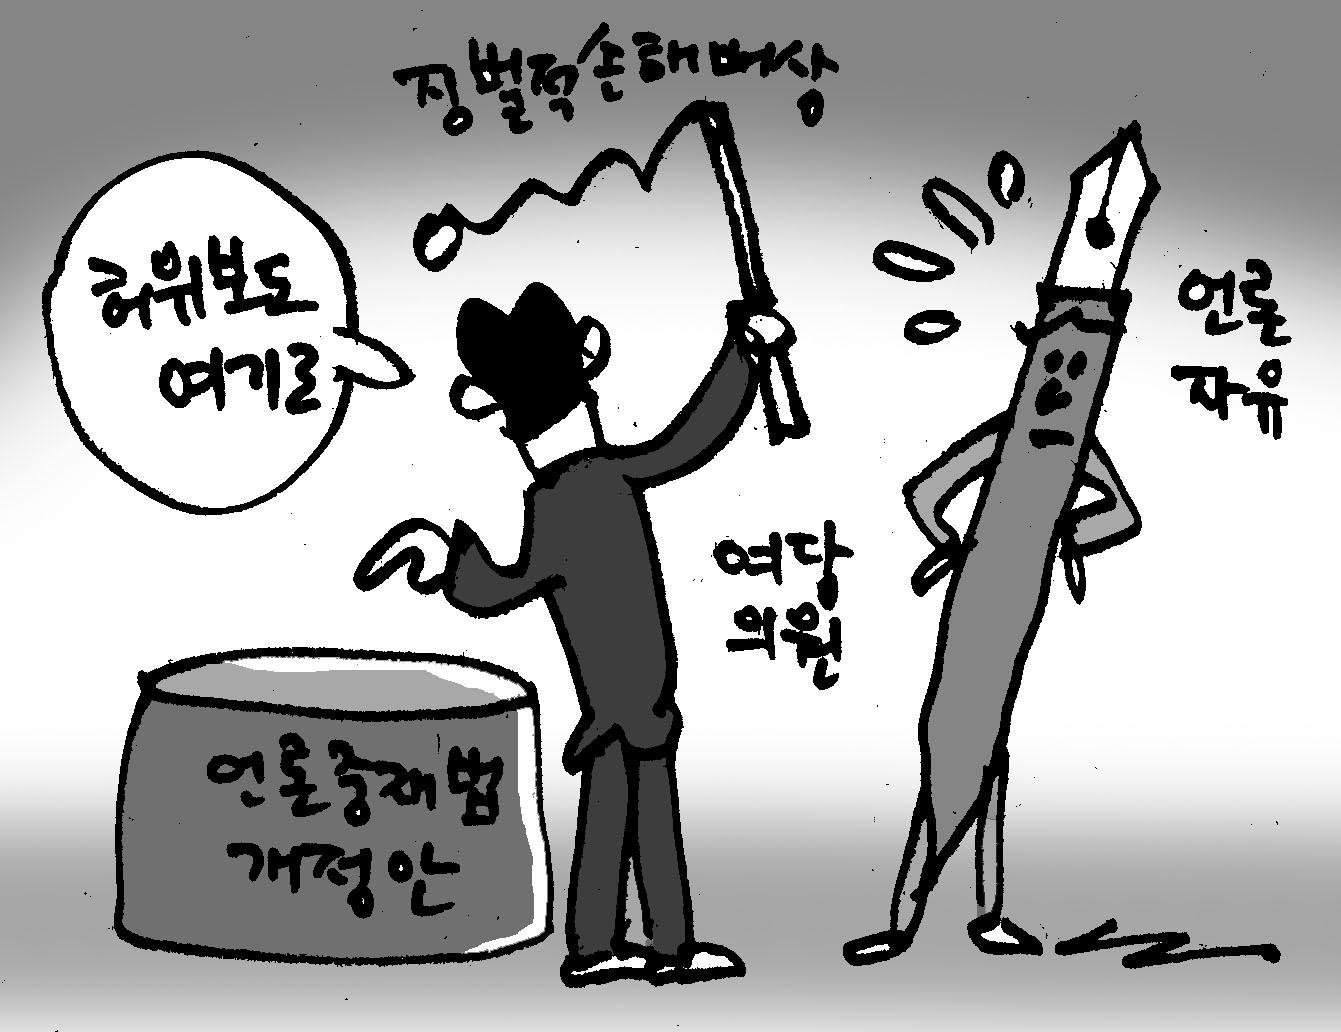 [이 法 어떻게 생각하십니까] '가짜뉴스 보도에 징벌적 손해배상' 언론중재법 개정안